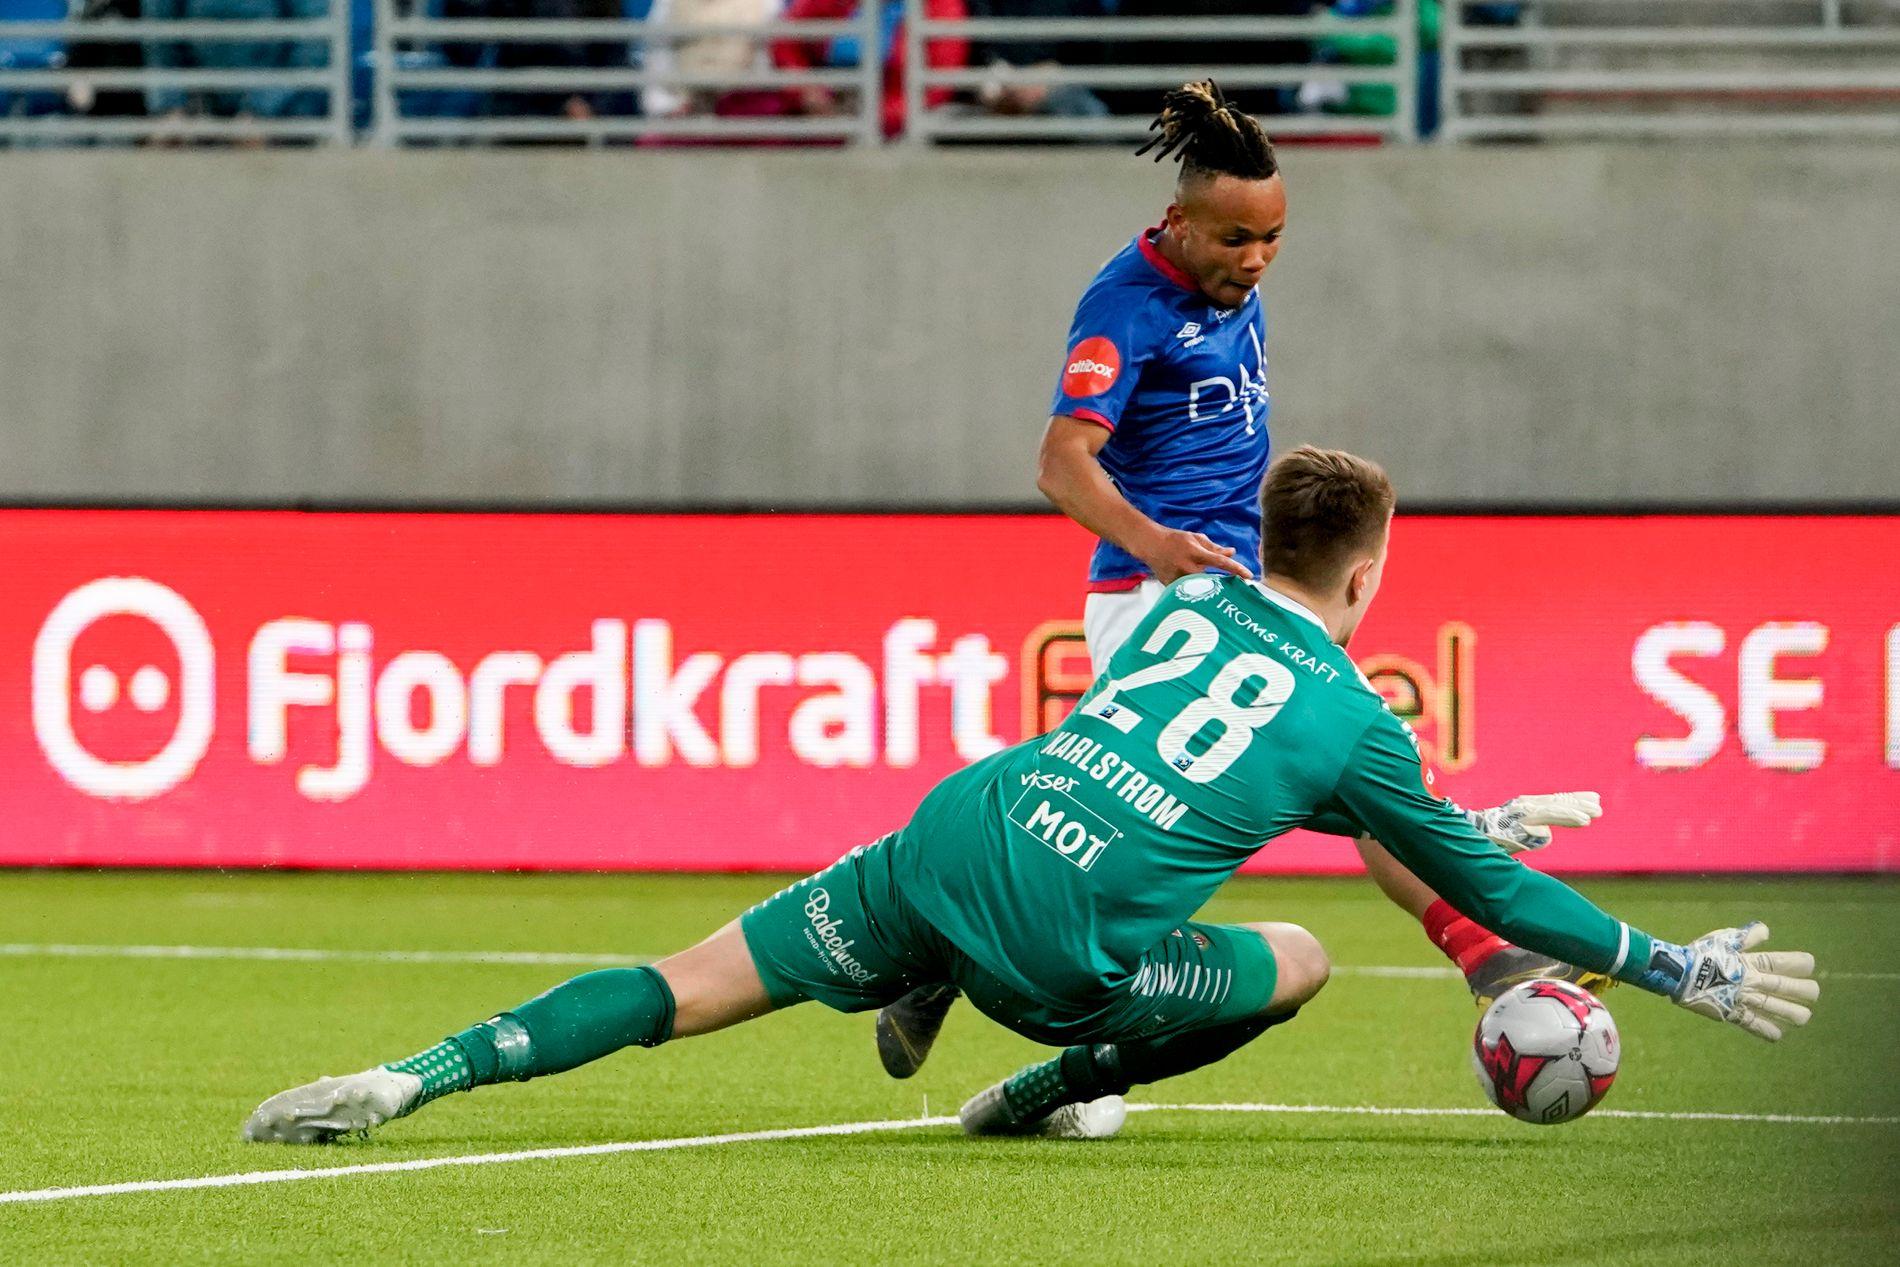 LEKKERT: Chidera Ejuke med en lekker sak før han finter ut Tromsø-keeper Jacob Karlstrøm, og setter inn 3–0.